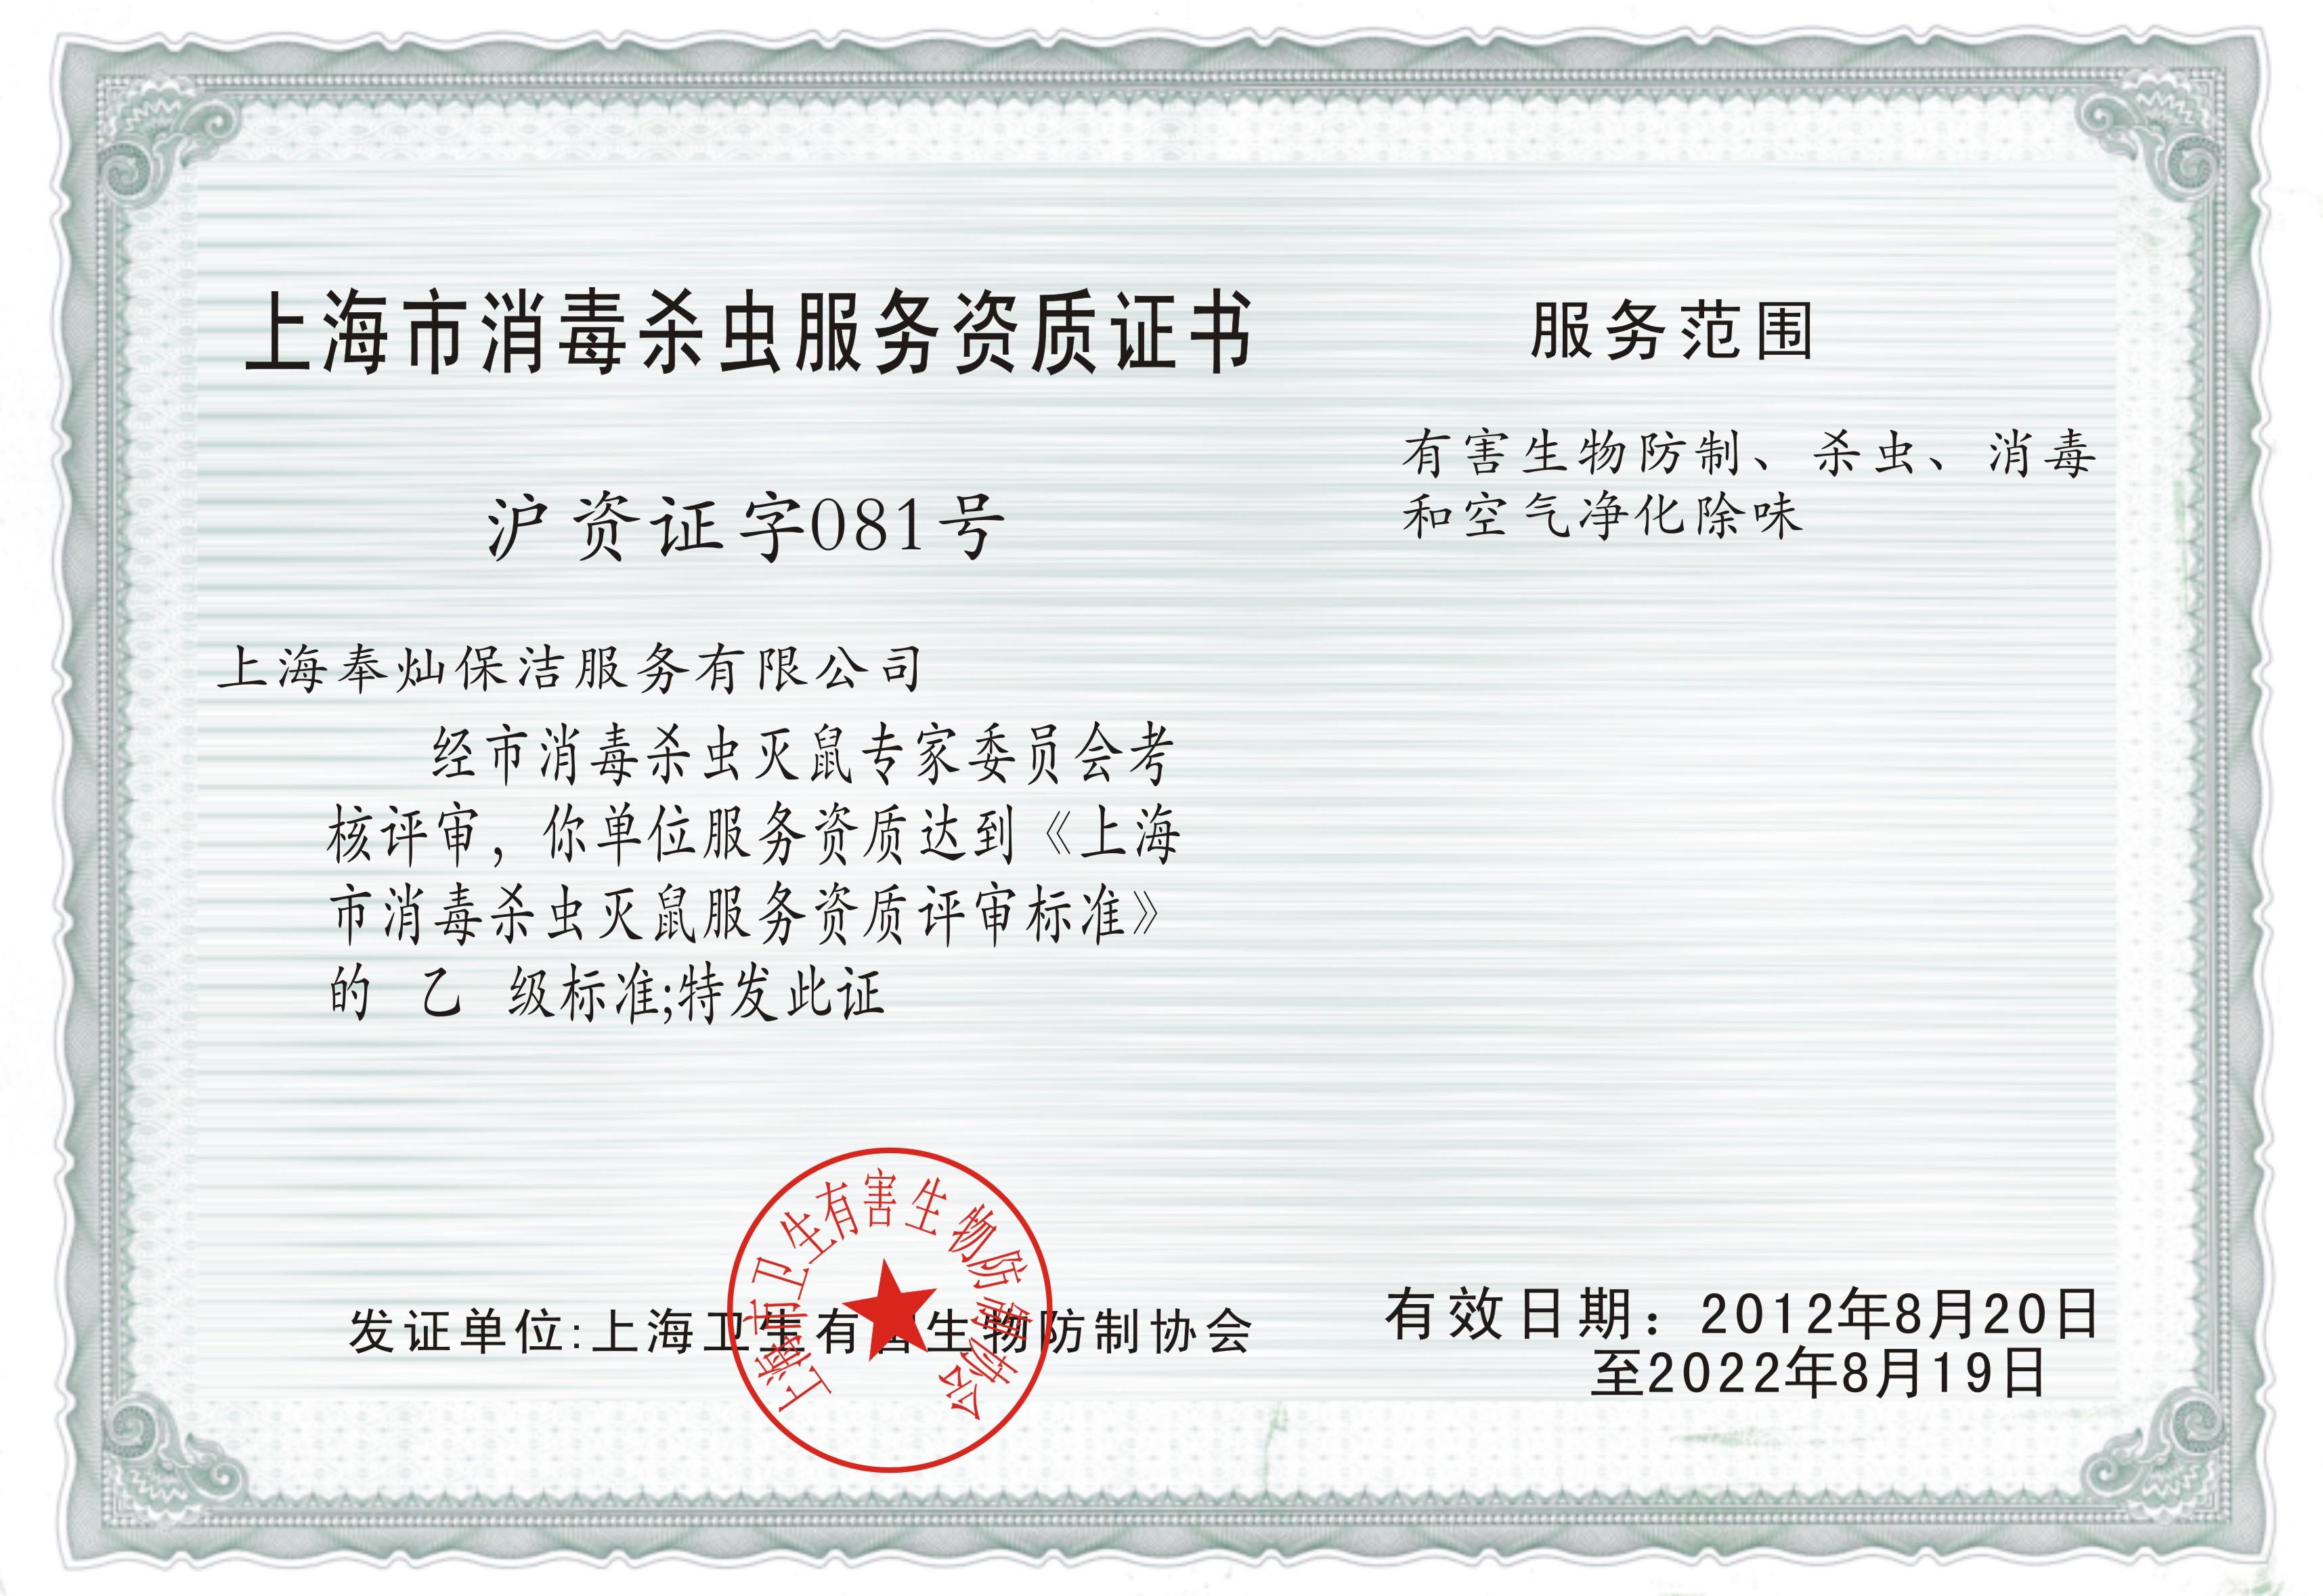 消毒资质证书